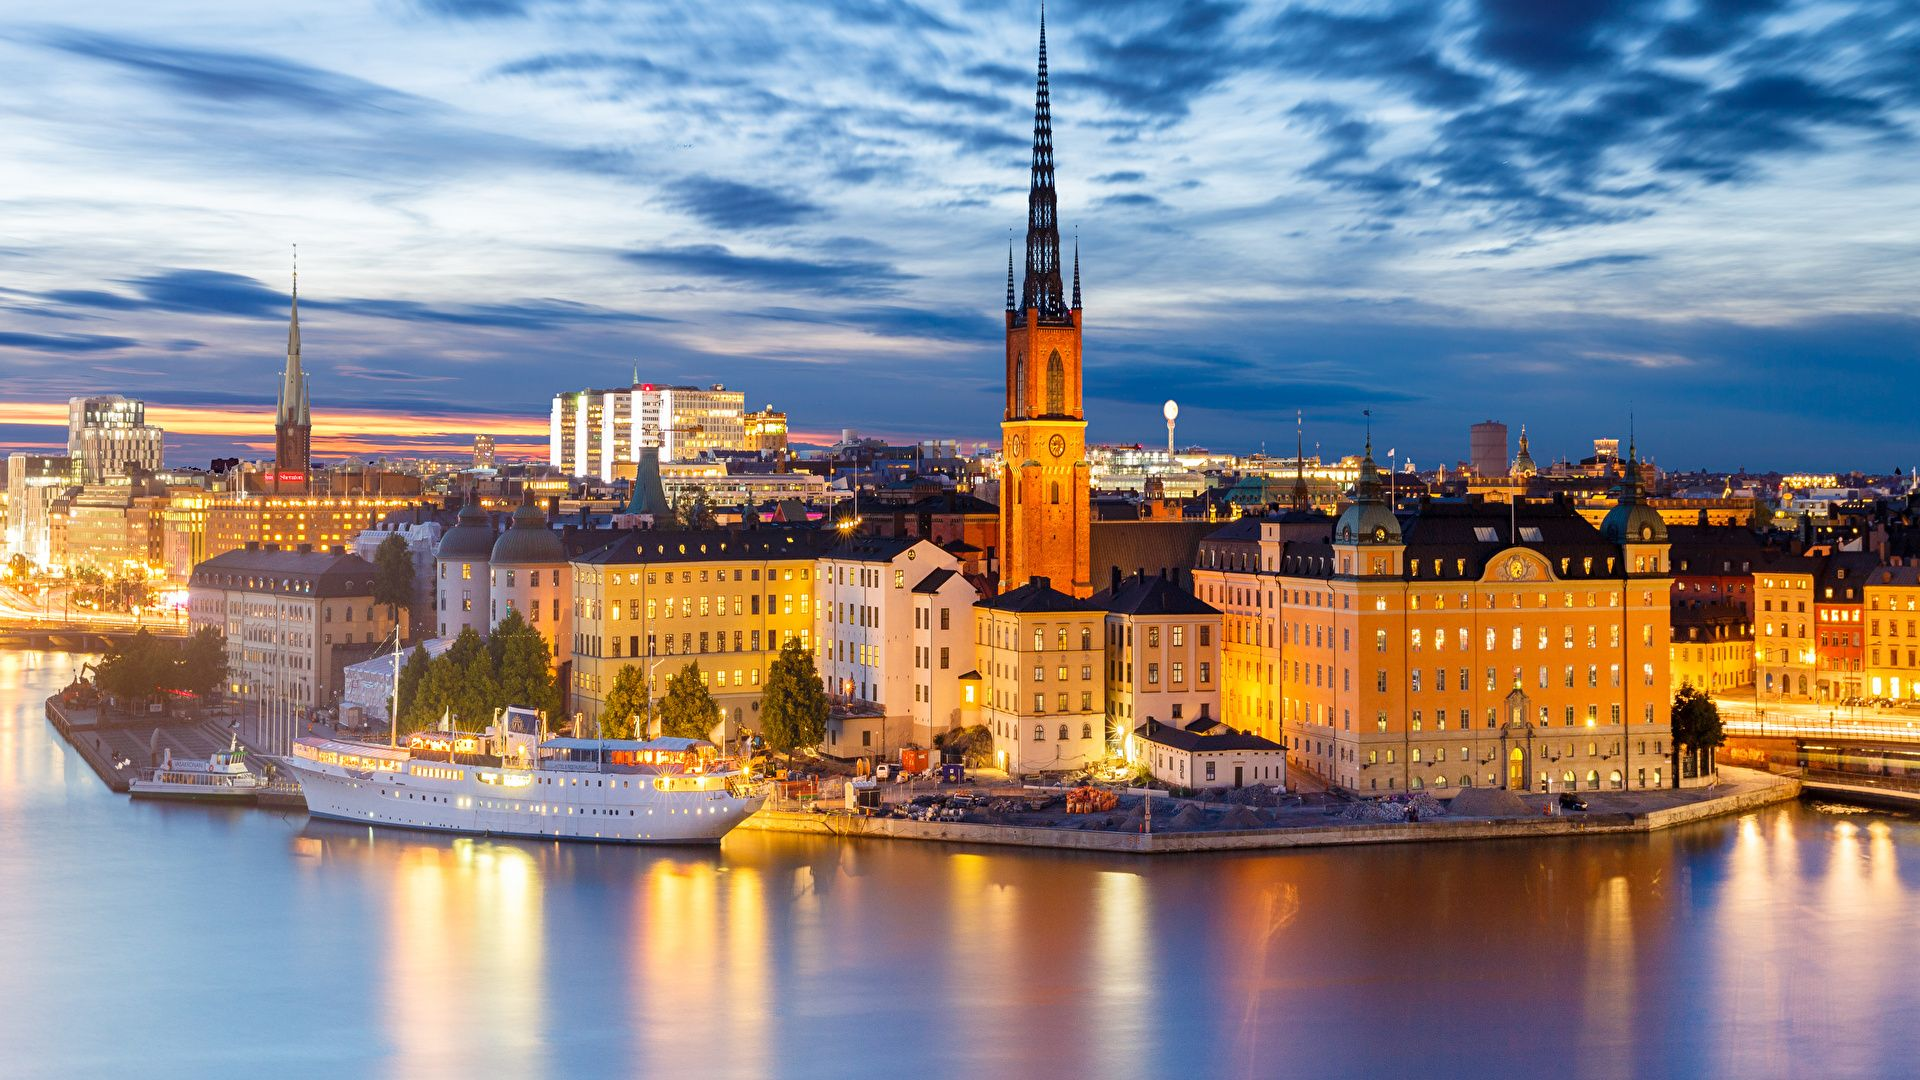 Sweden 1080p Wallpaper